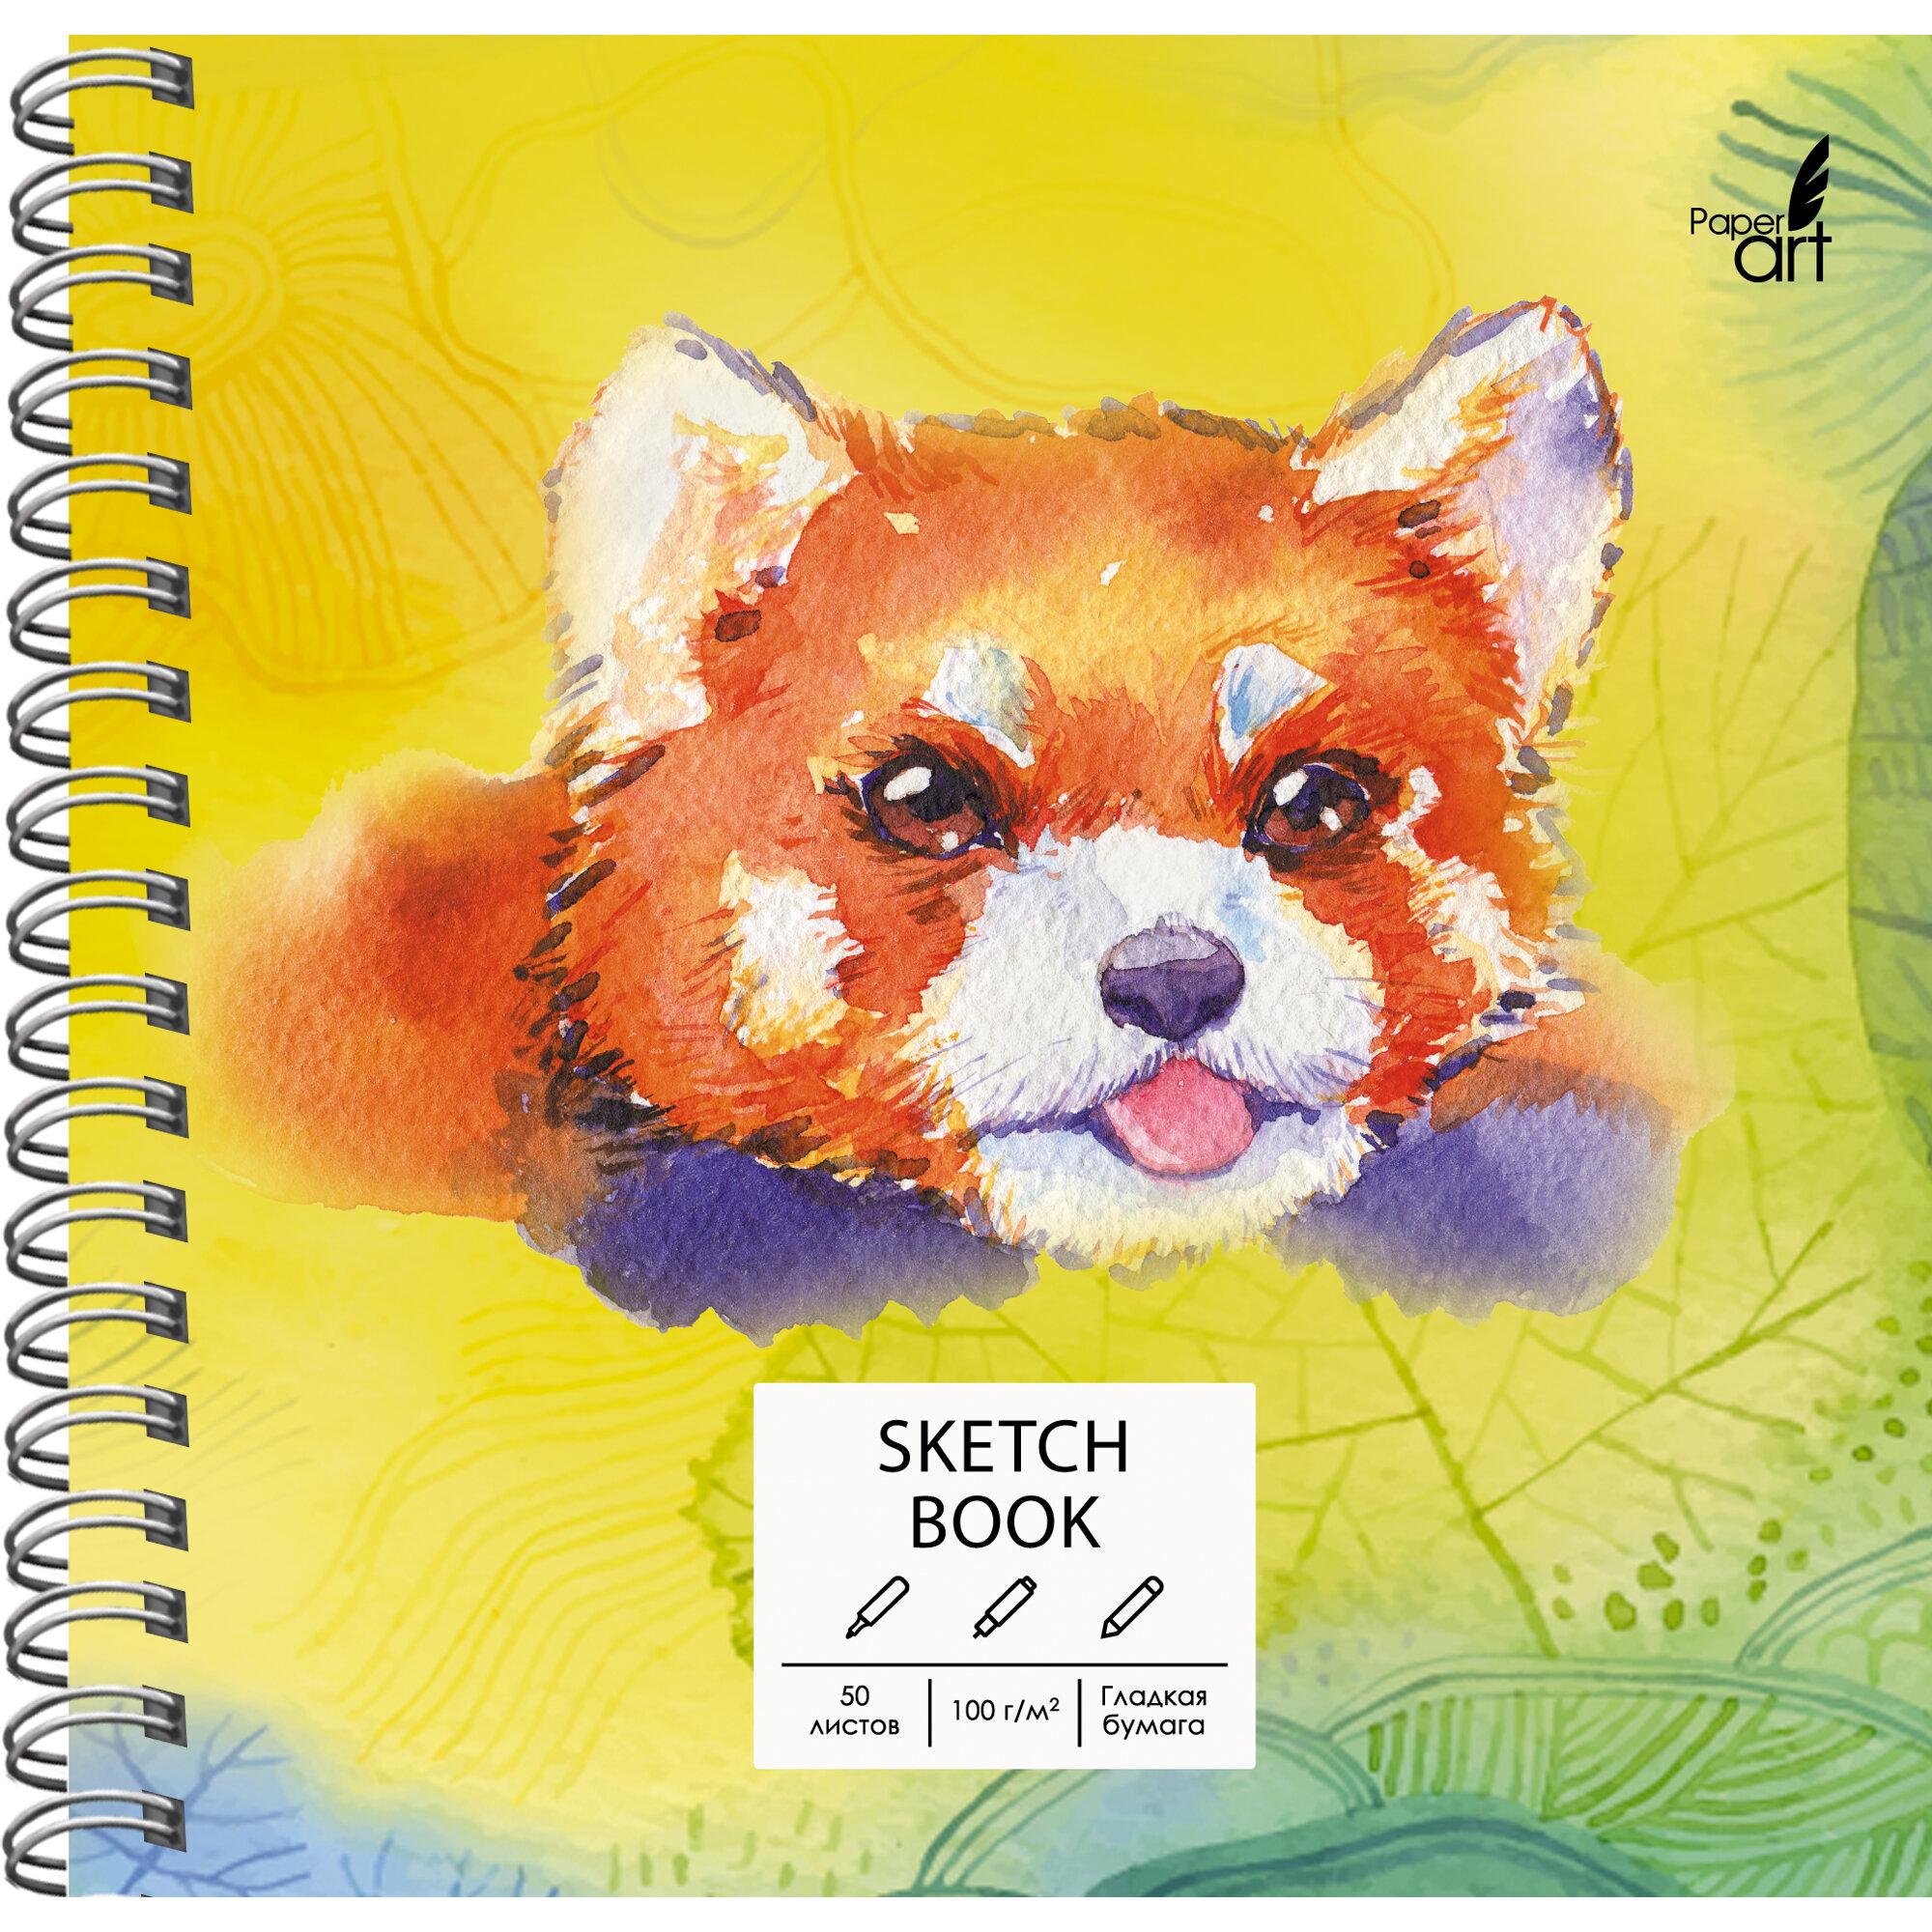 Скетчбук 165*165мм 50л тв спир Красная панда (акварель) 100г/м2